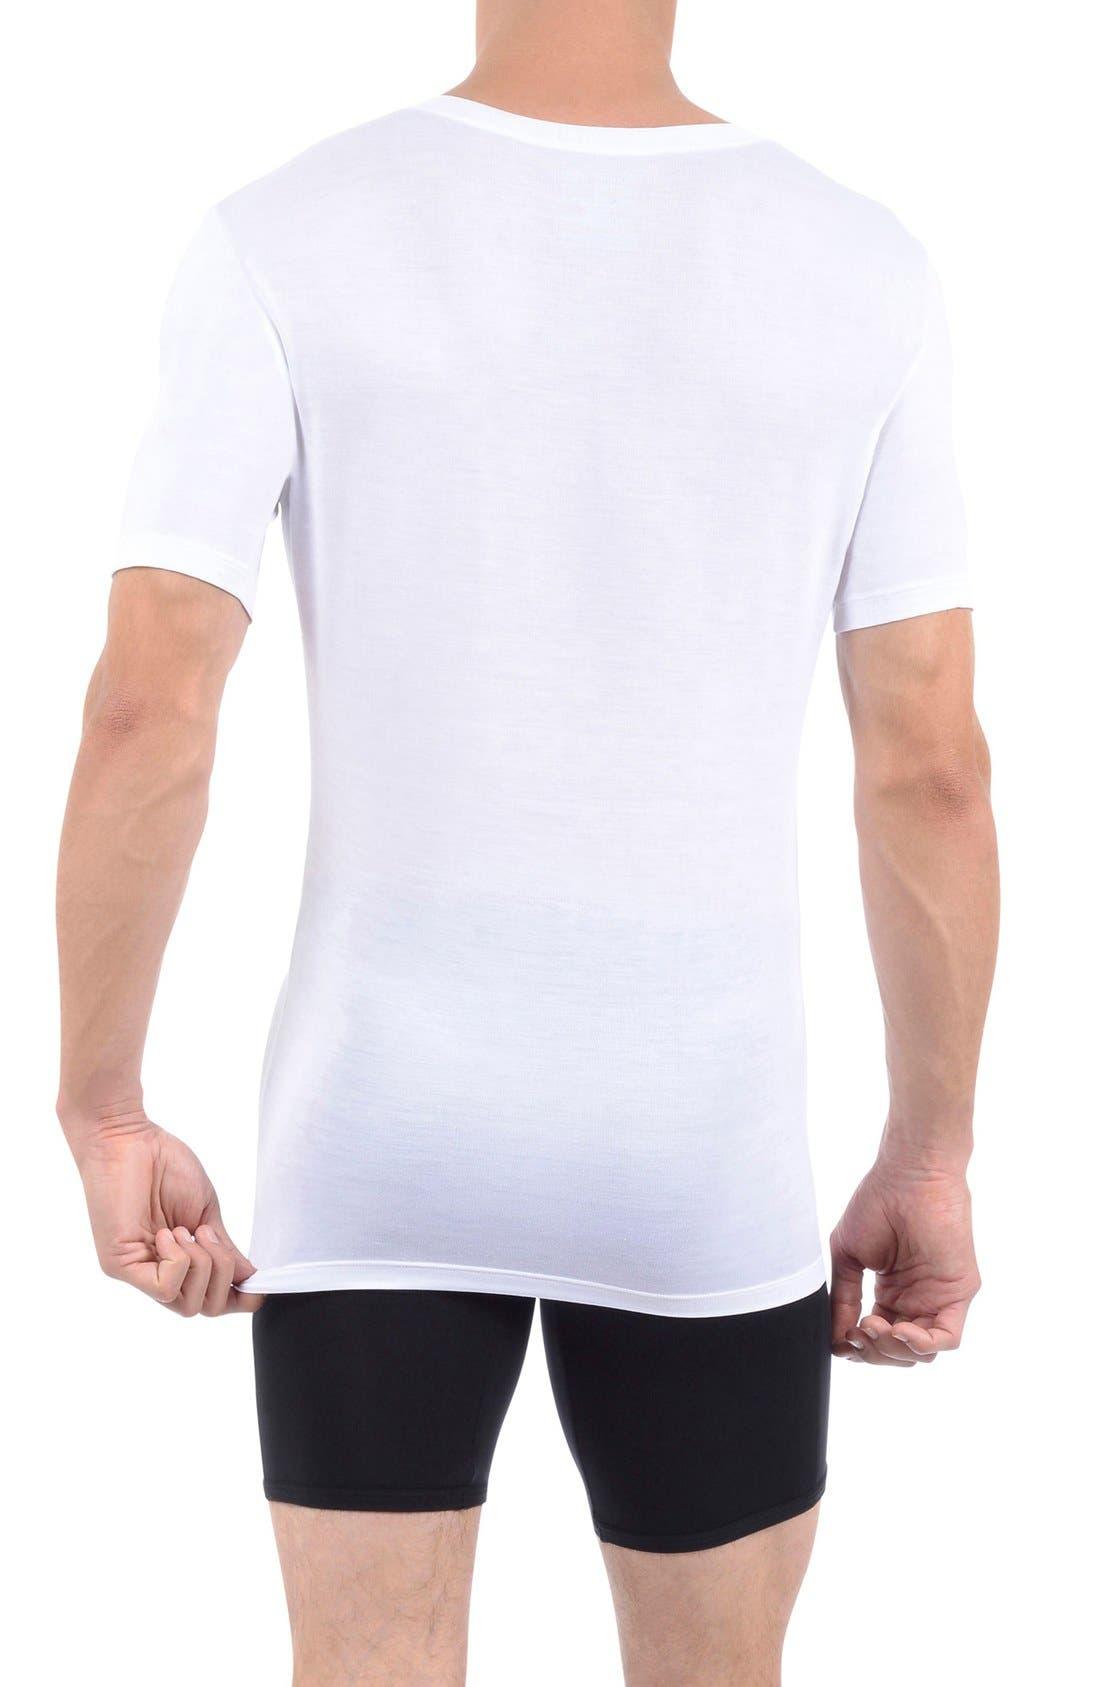 Second Skin Micromodal Deep V-Neck Undershirt,                             Alternate thumbnail 2, color,                             WHITE